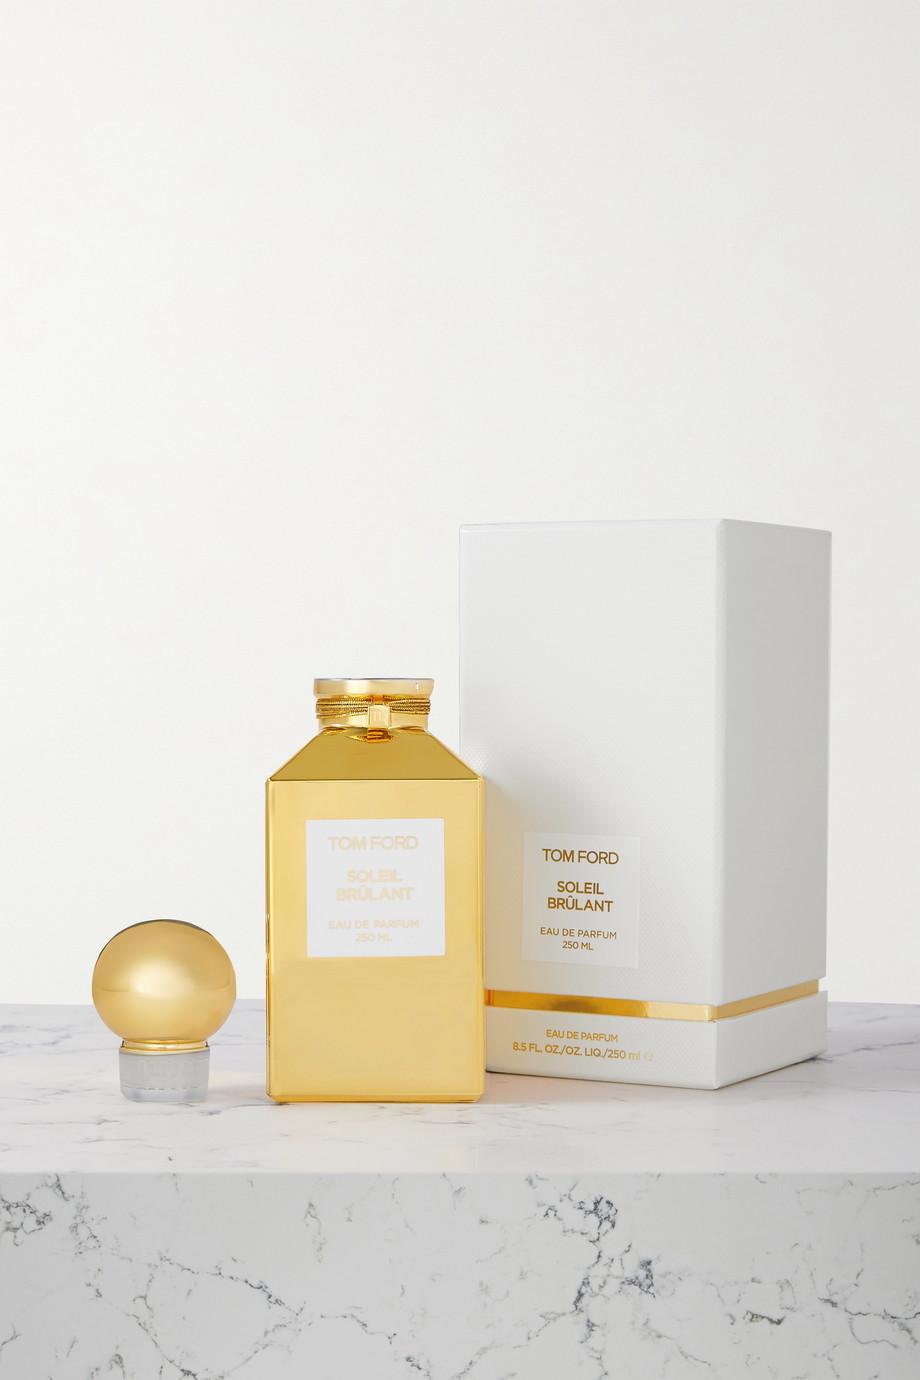 TOM FORD BEAUTY Eau de Parfum - Soleil Brûlant, 250ml